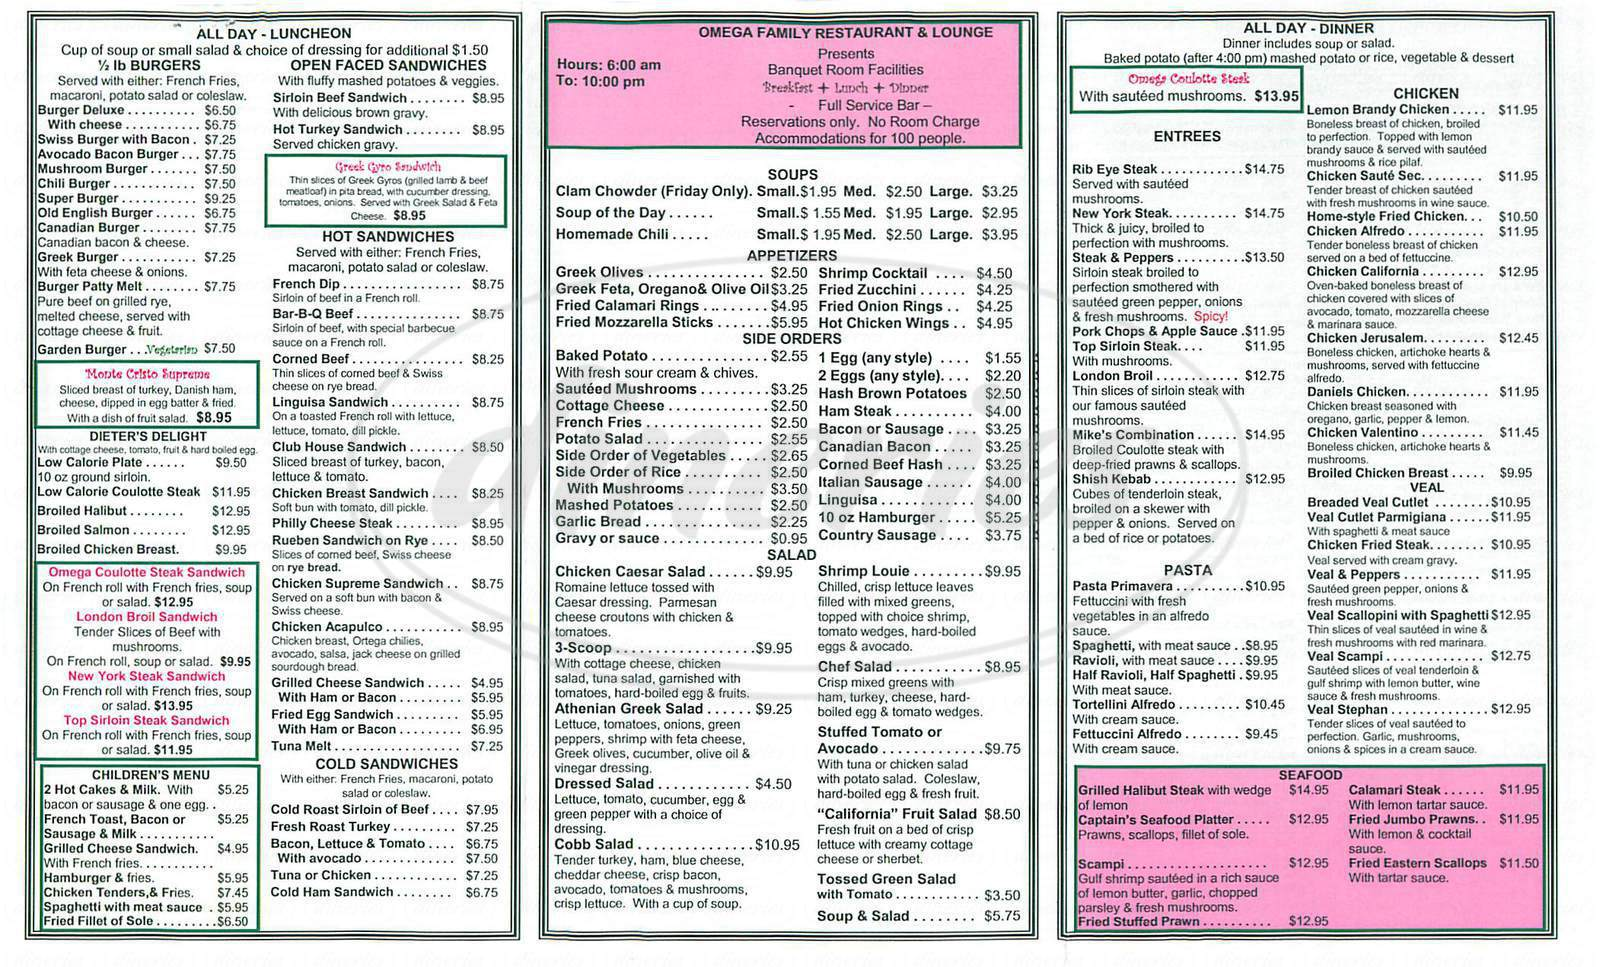 Restaurant Menu Prices